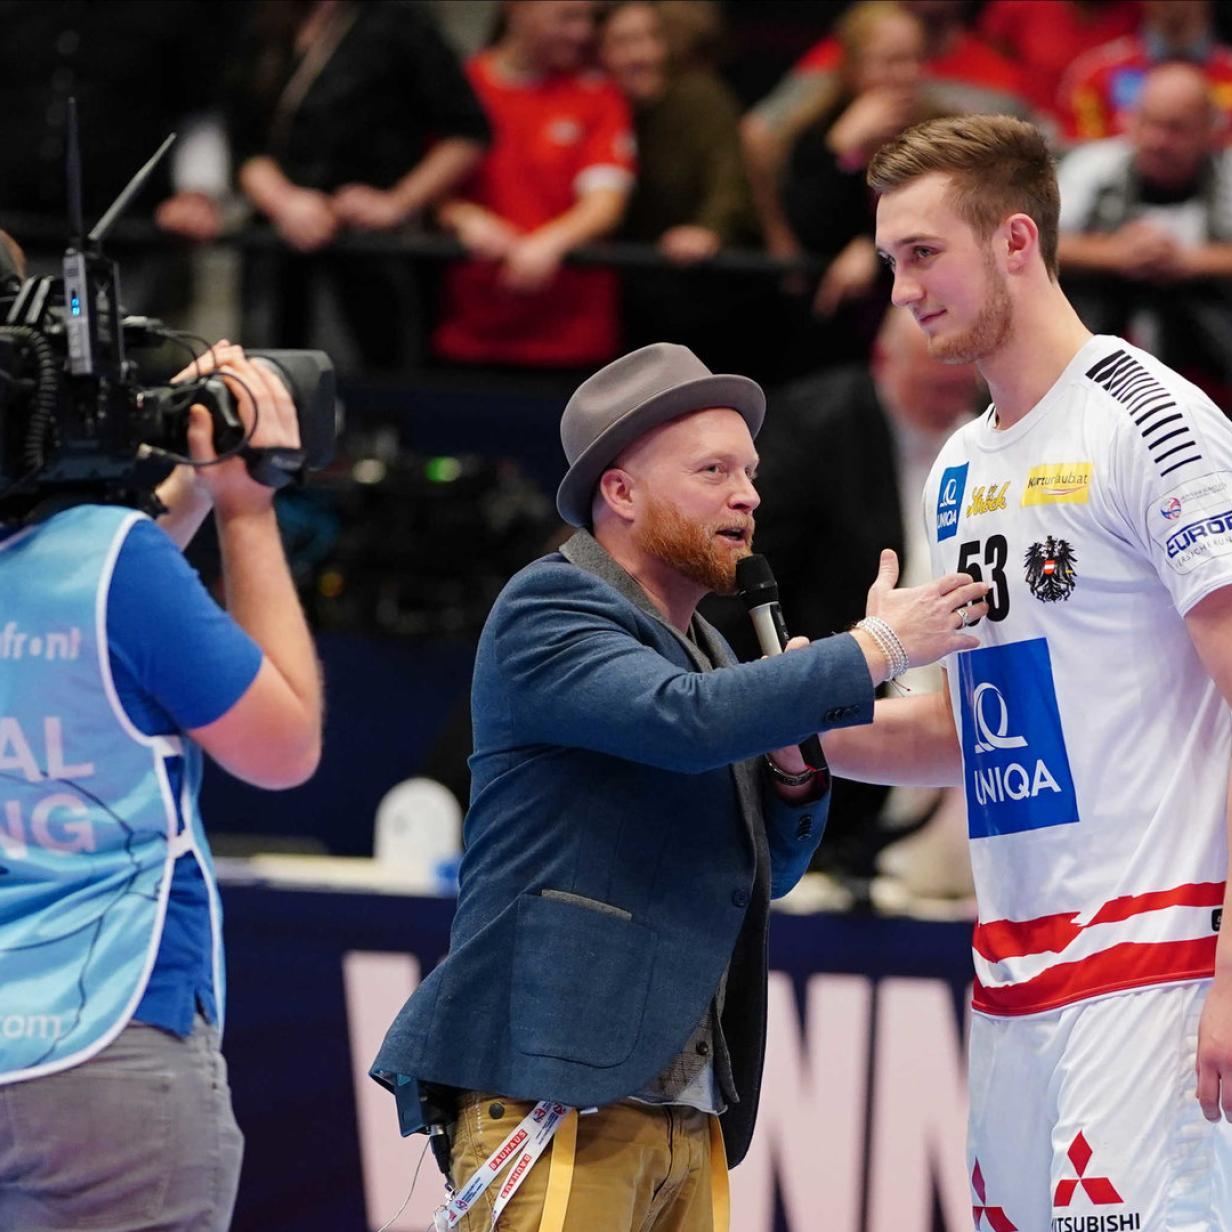 Handball-EM: Zwei Österreicher stehen im Finale